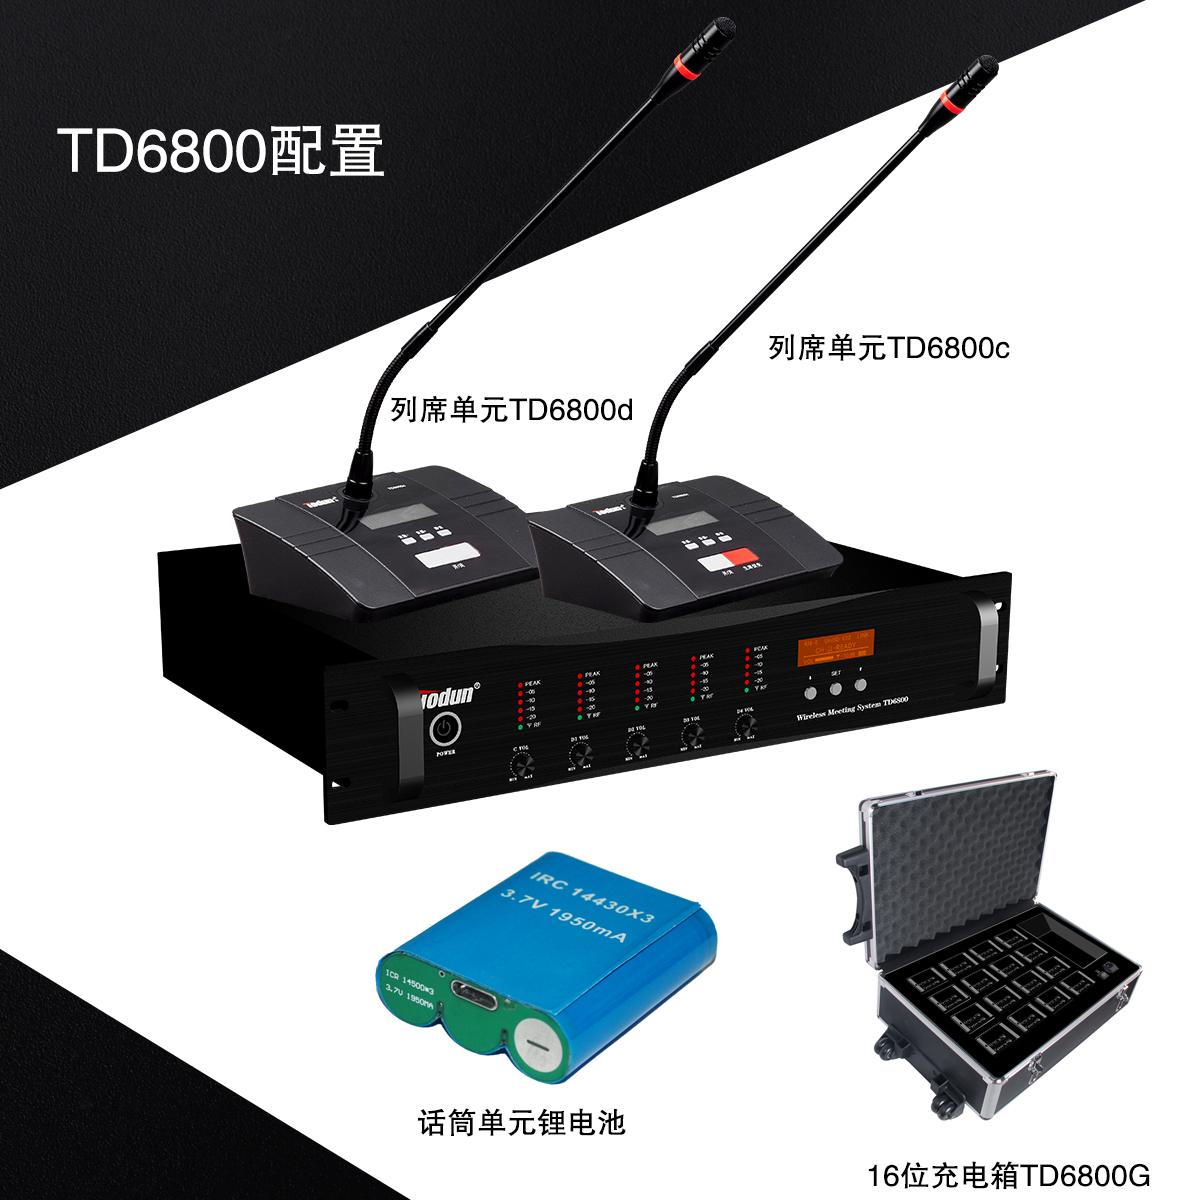 无线会议系统TD6800 智能数字无线会议设备 配置